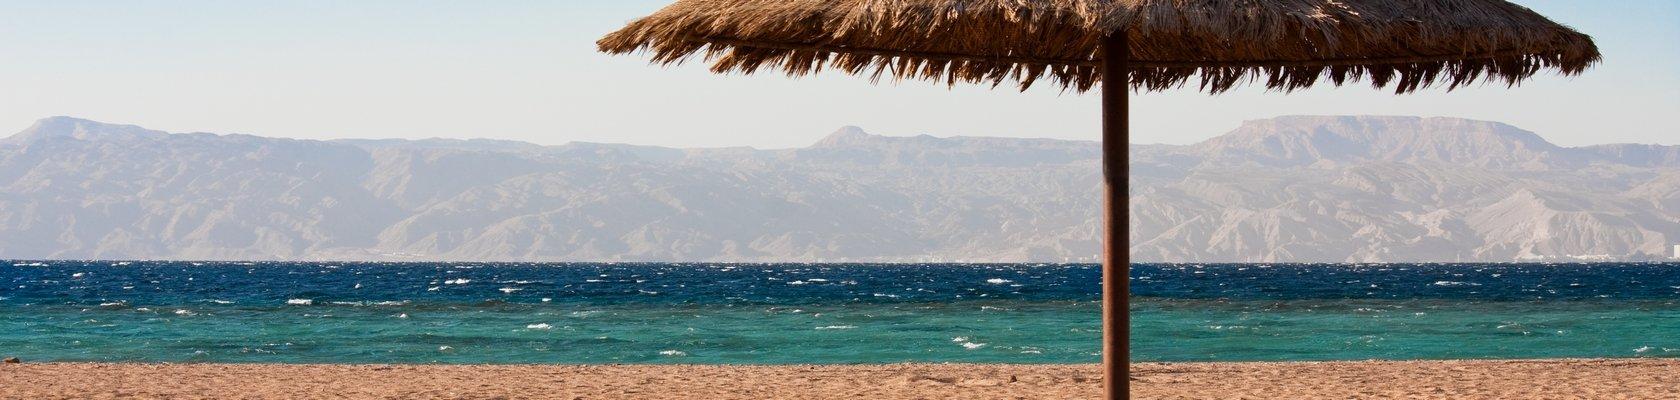 Aqaba, aan de Rode Zee